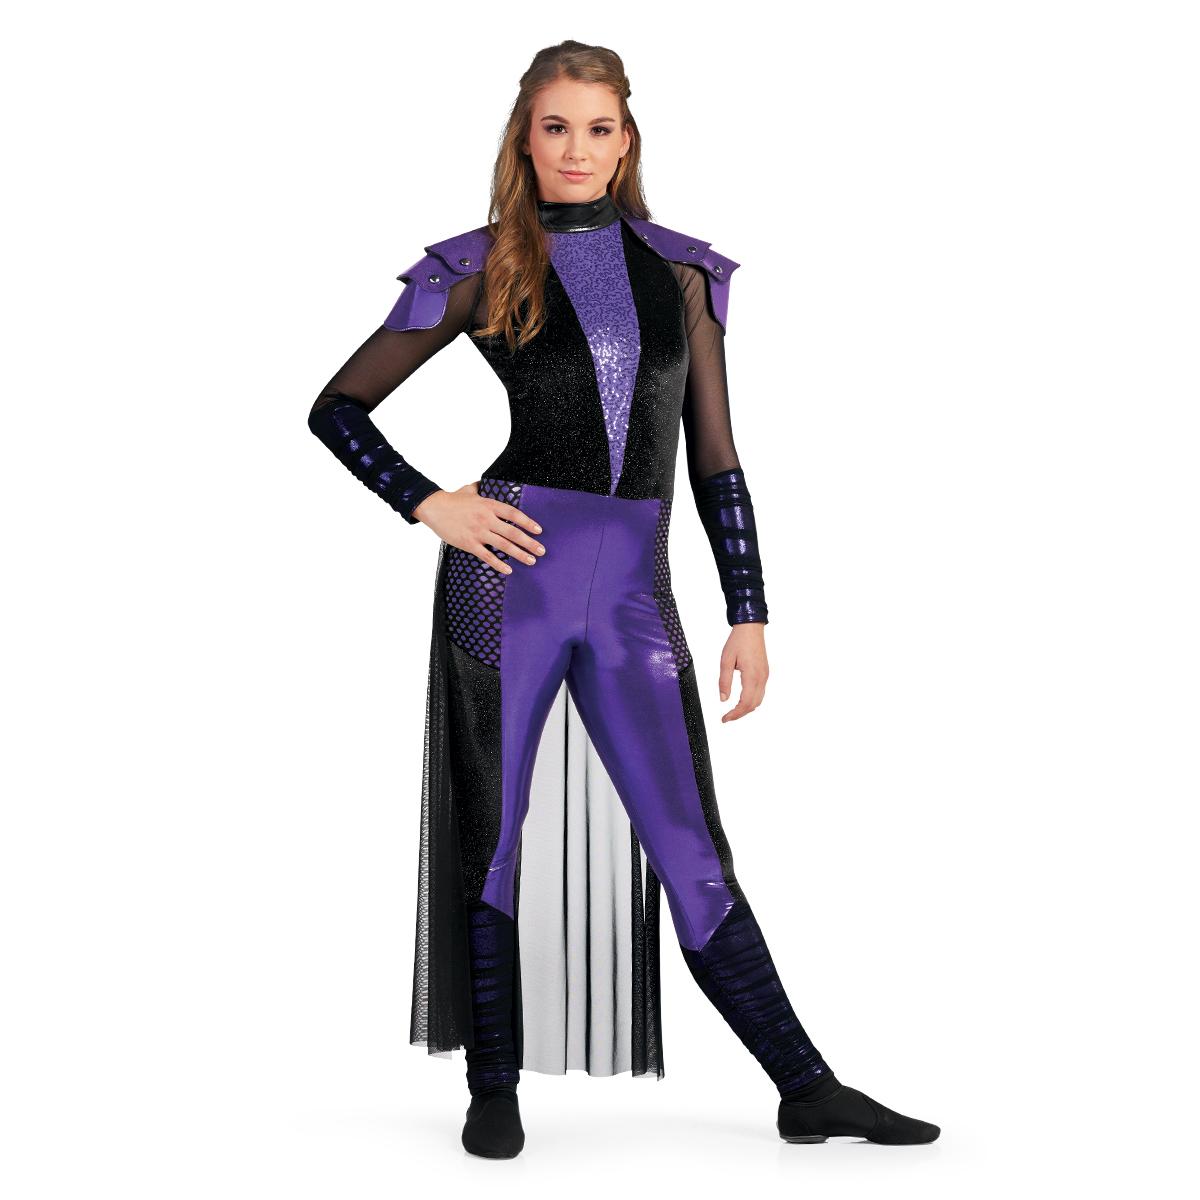 Custom Marching Band Jacket 209243 | Marching Band ...  |Band Shoppe Uniforms